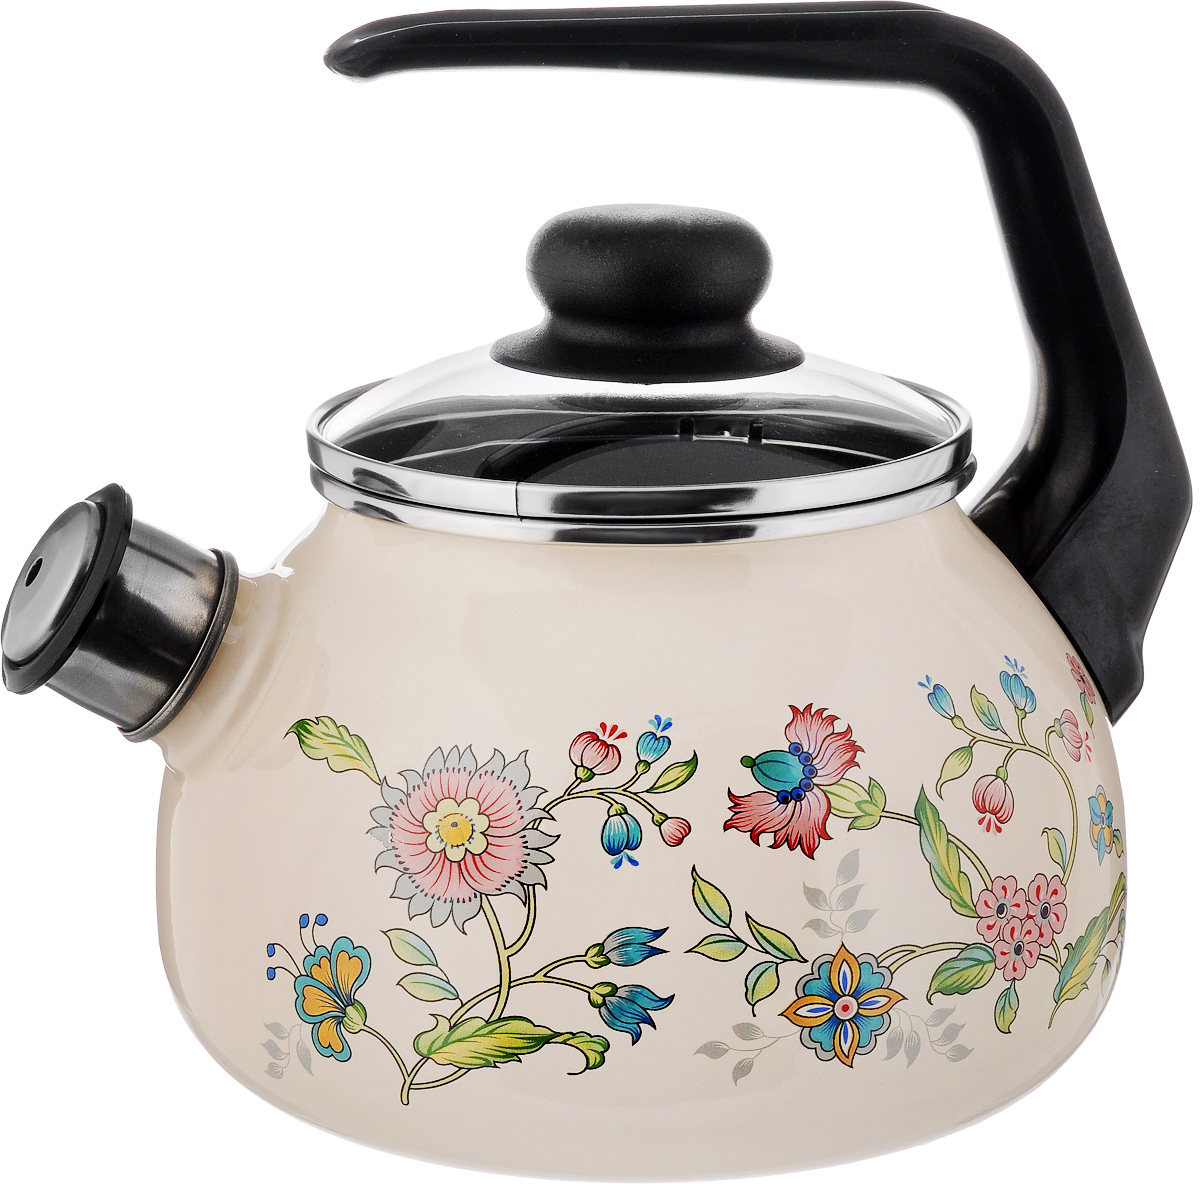 Чайник эмалированный СтальЭмаль Луговые цветы, со свистком, 2 л4с210/яЧайник СтальЭмаль Луговые цветы выполнен из высококачественного стального проката, покрытого двумя слоями жаропрочной эмали. Такое покрытие защищает сталь от коррозии, придает посуде гладкую стекловидную поверхность и надежно защищает от кислот и щелочей. Носик чайника оснащен свистком, звуковой сигнал которого подскажет, когда закипит вода. Чайник оснащен фиксированной ручкой из пластика и стеклянной крышкой, которая плотно прилегает к краю благодаря особой конструкции. Внешние стенки декорированы красочным цветочным рисунком. Эстетичный и функциональный чайник будет оригинально смотреться в любом интерьере. Подходит для всех типов плит, включая индукционные. Можно мыть в посудомоечной машине. Диаметр (по верхнему краю): 12,5 см.Высота чайника (с учетом ручки): 21 см.Высота чайника (без учета ручки и крышки): 12,5 см.